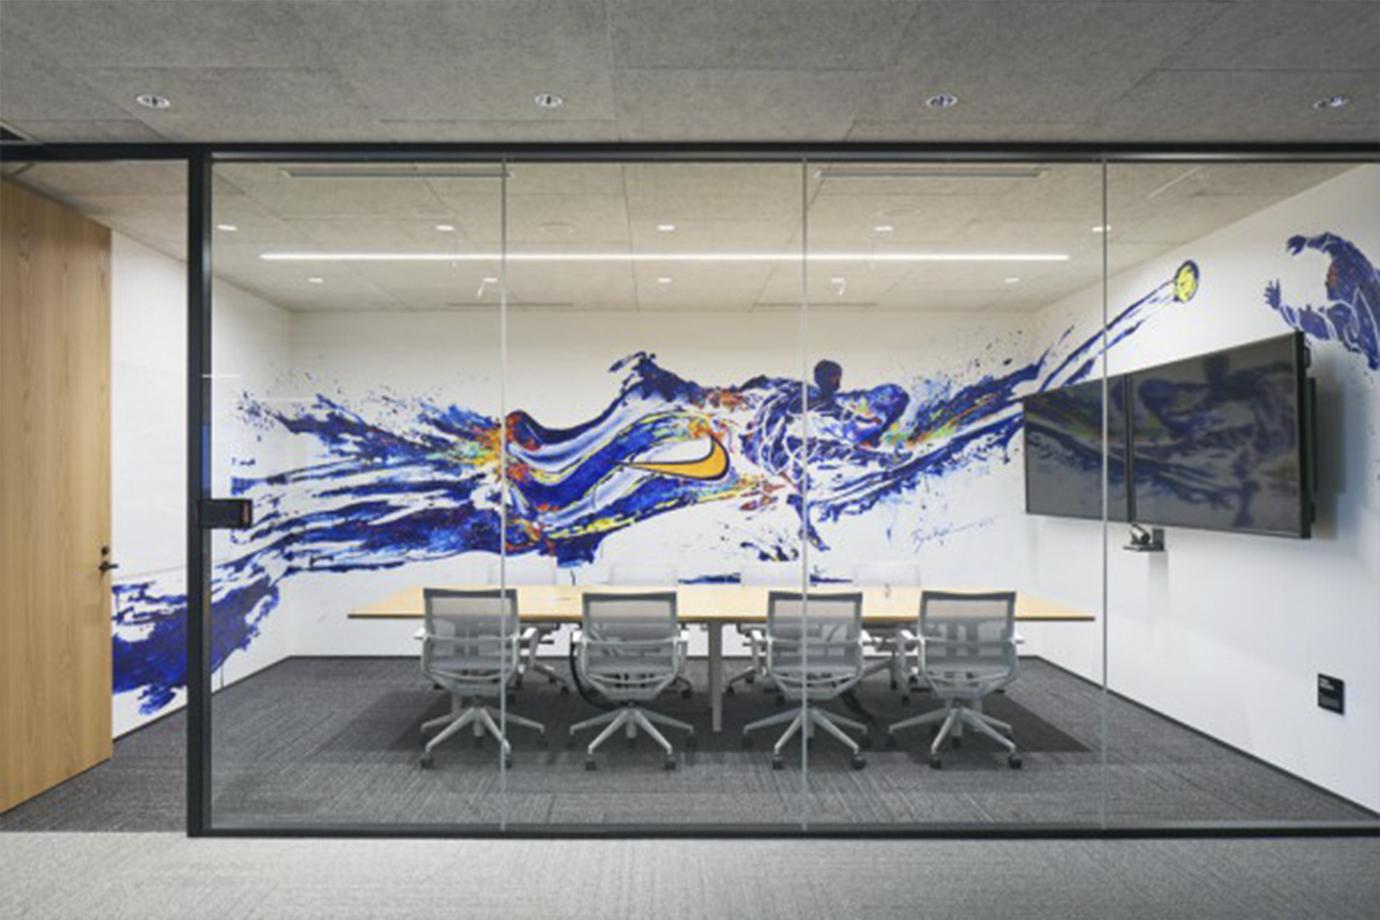 日本 Nike 新總部也變得更大更美